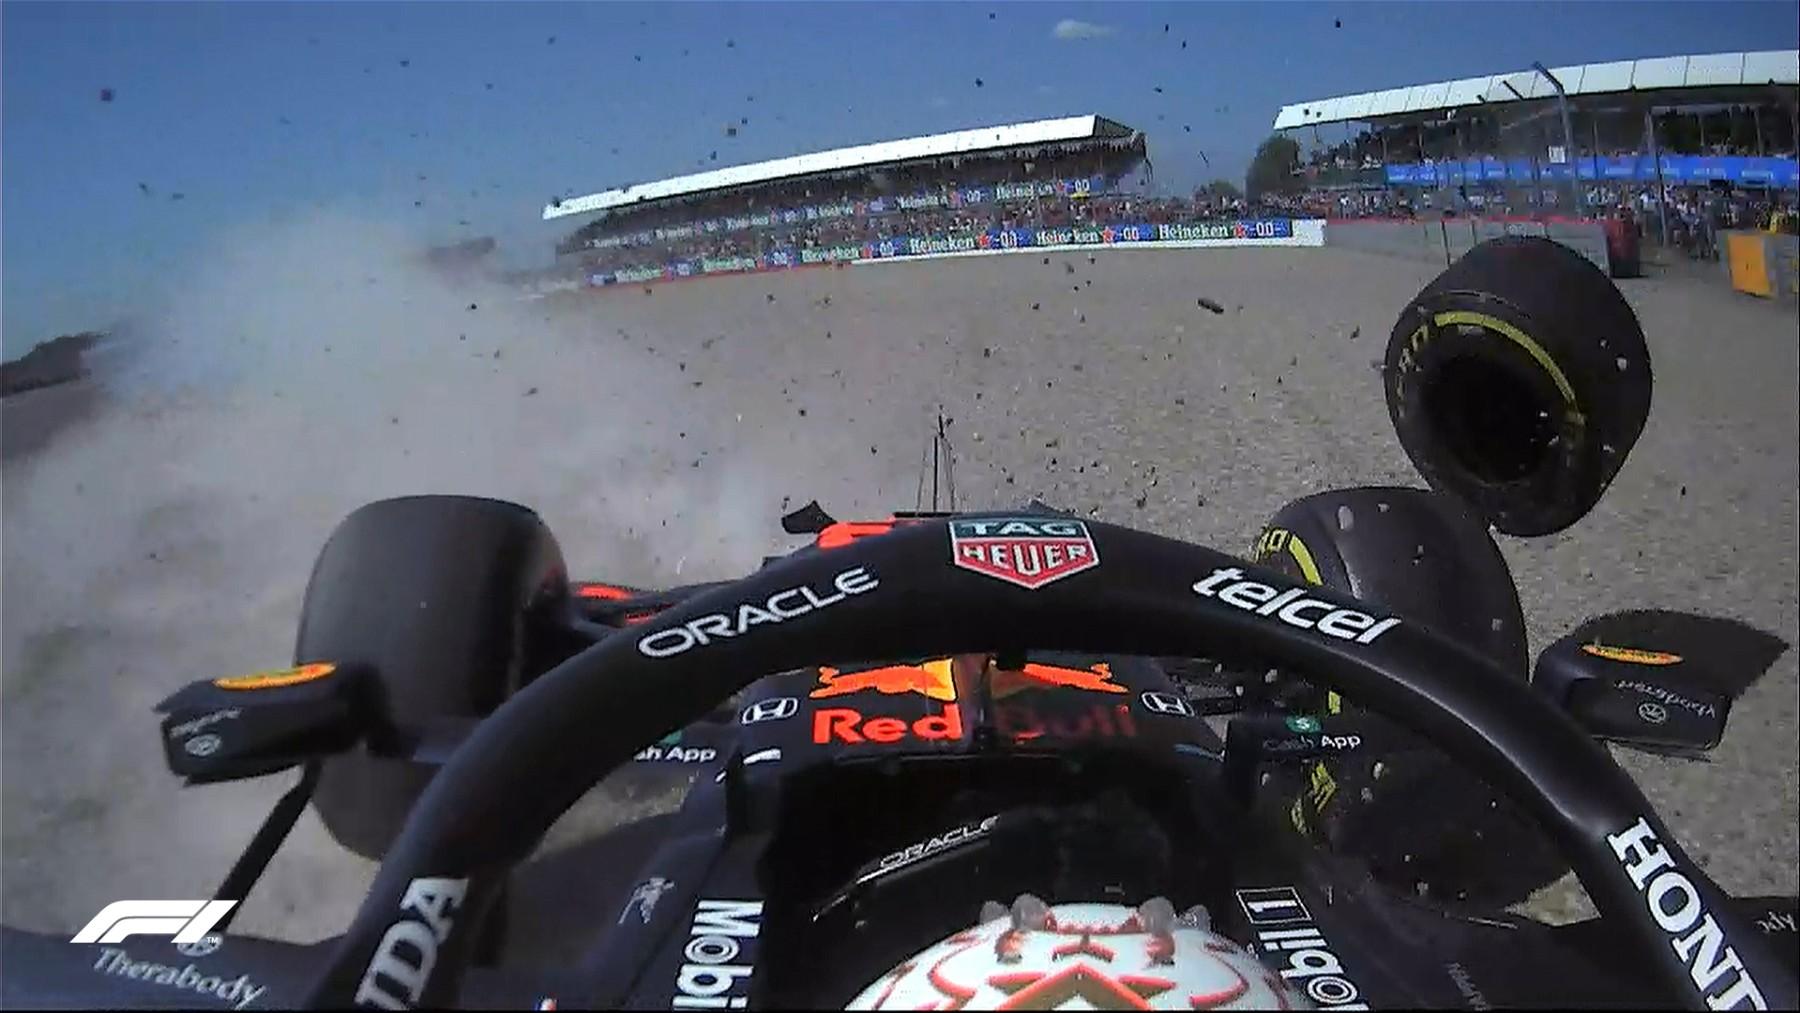 El coche de Max Verstappen en el momento del accidente. (Captura de pantalla)